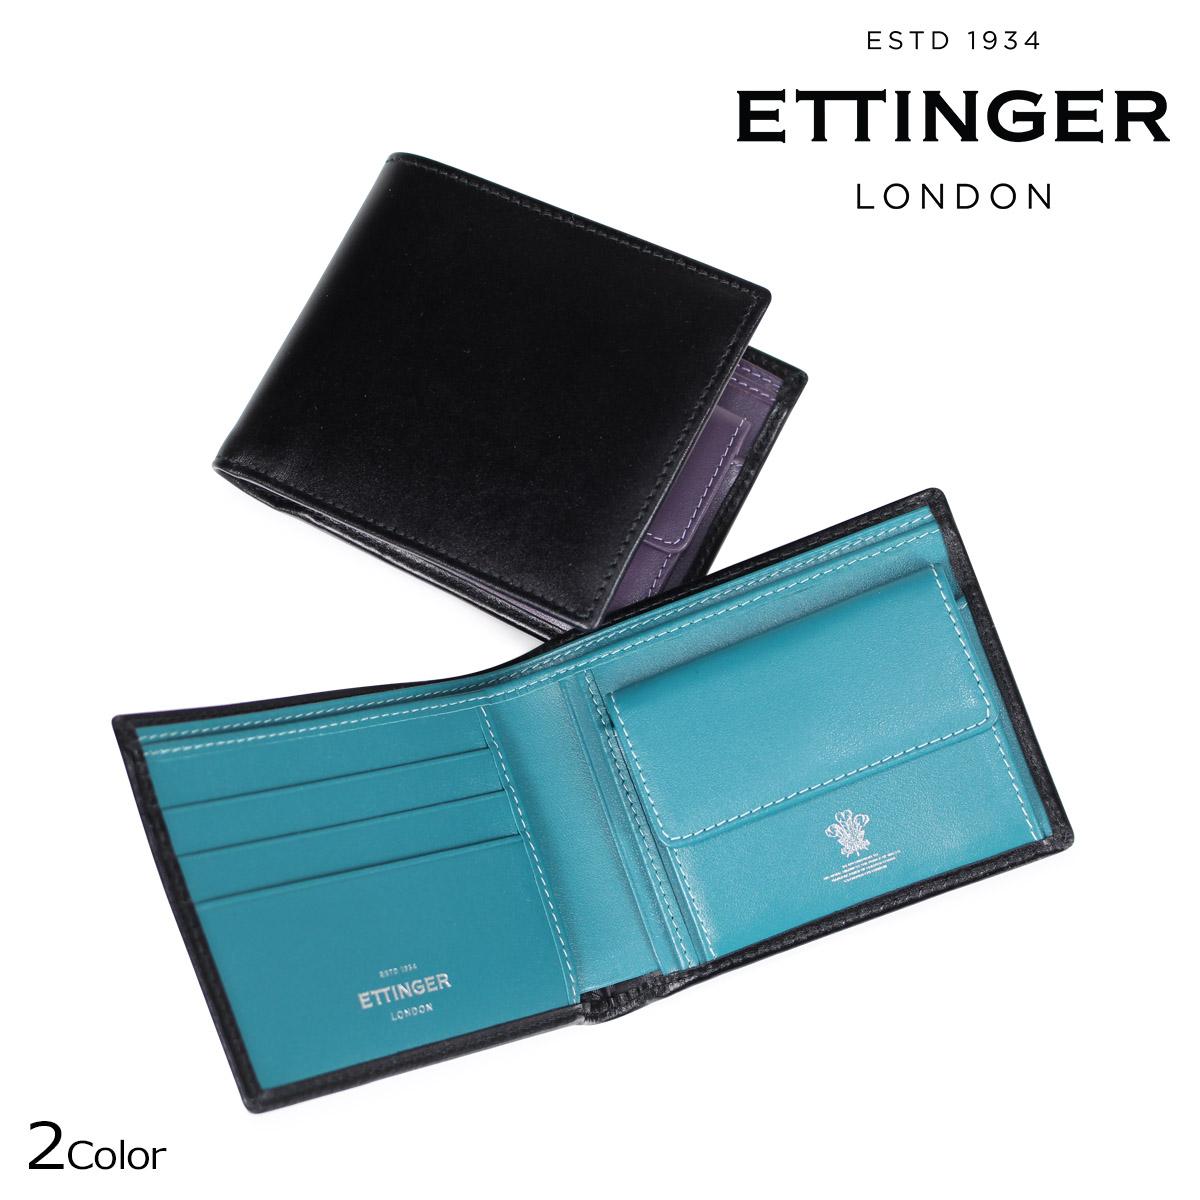 エッティンガー ETTINGER 財布 二つ折り メンズ STERLING BILLFOLD WITH 3 C/C & PURSE ブラック ST141JR [9/7 再入荷]